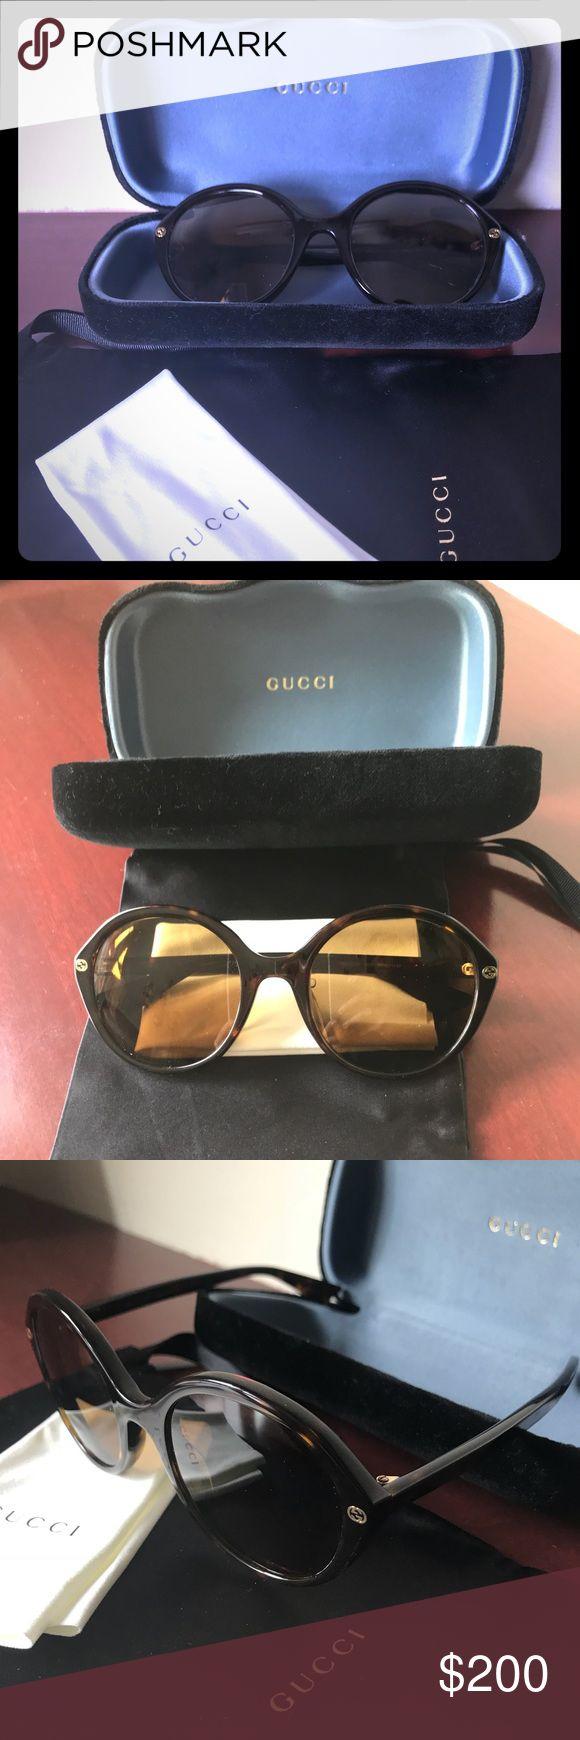 Authentic Gucci Polarized Rx Sunglasses -1.5 Rx Gucci Sunglasses with prescription Rx -1.5 Polarized Sunglasses. Like new! Gucci Accessories Sunglasses